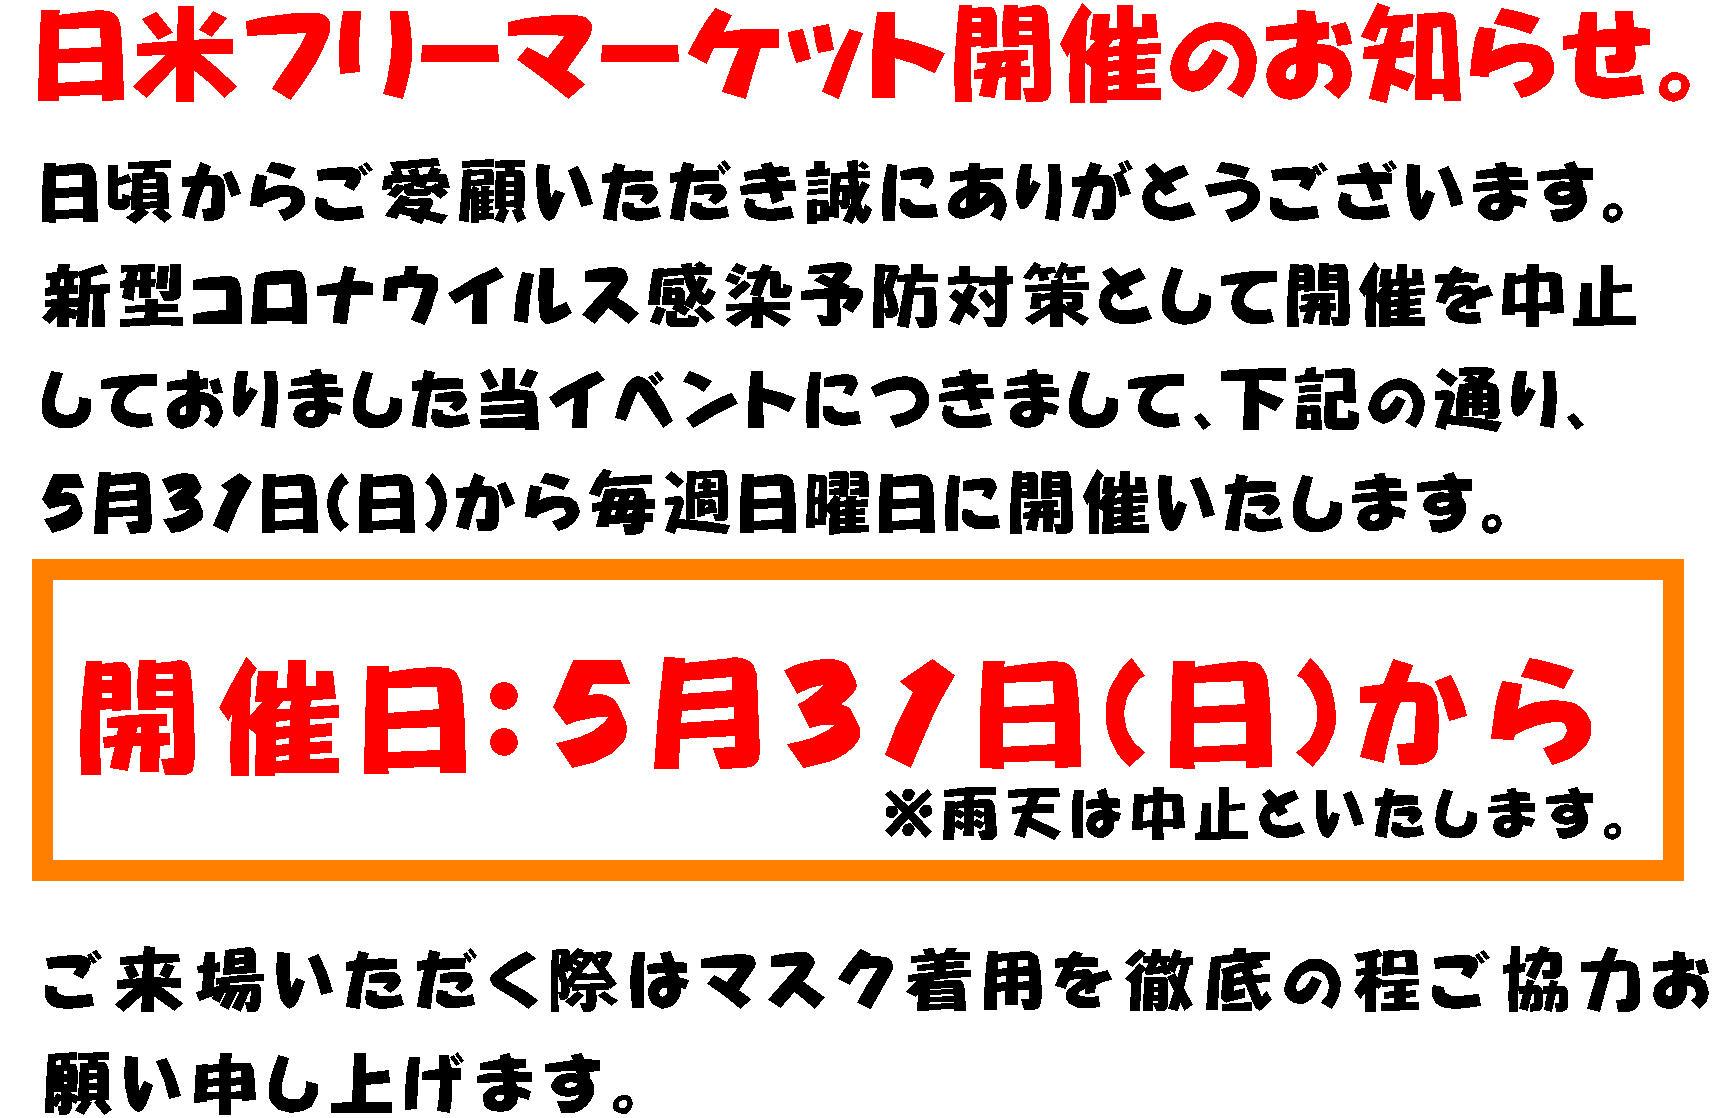 【日米フリーマーケット】開催再開のお知らせ。